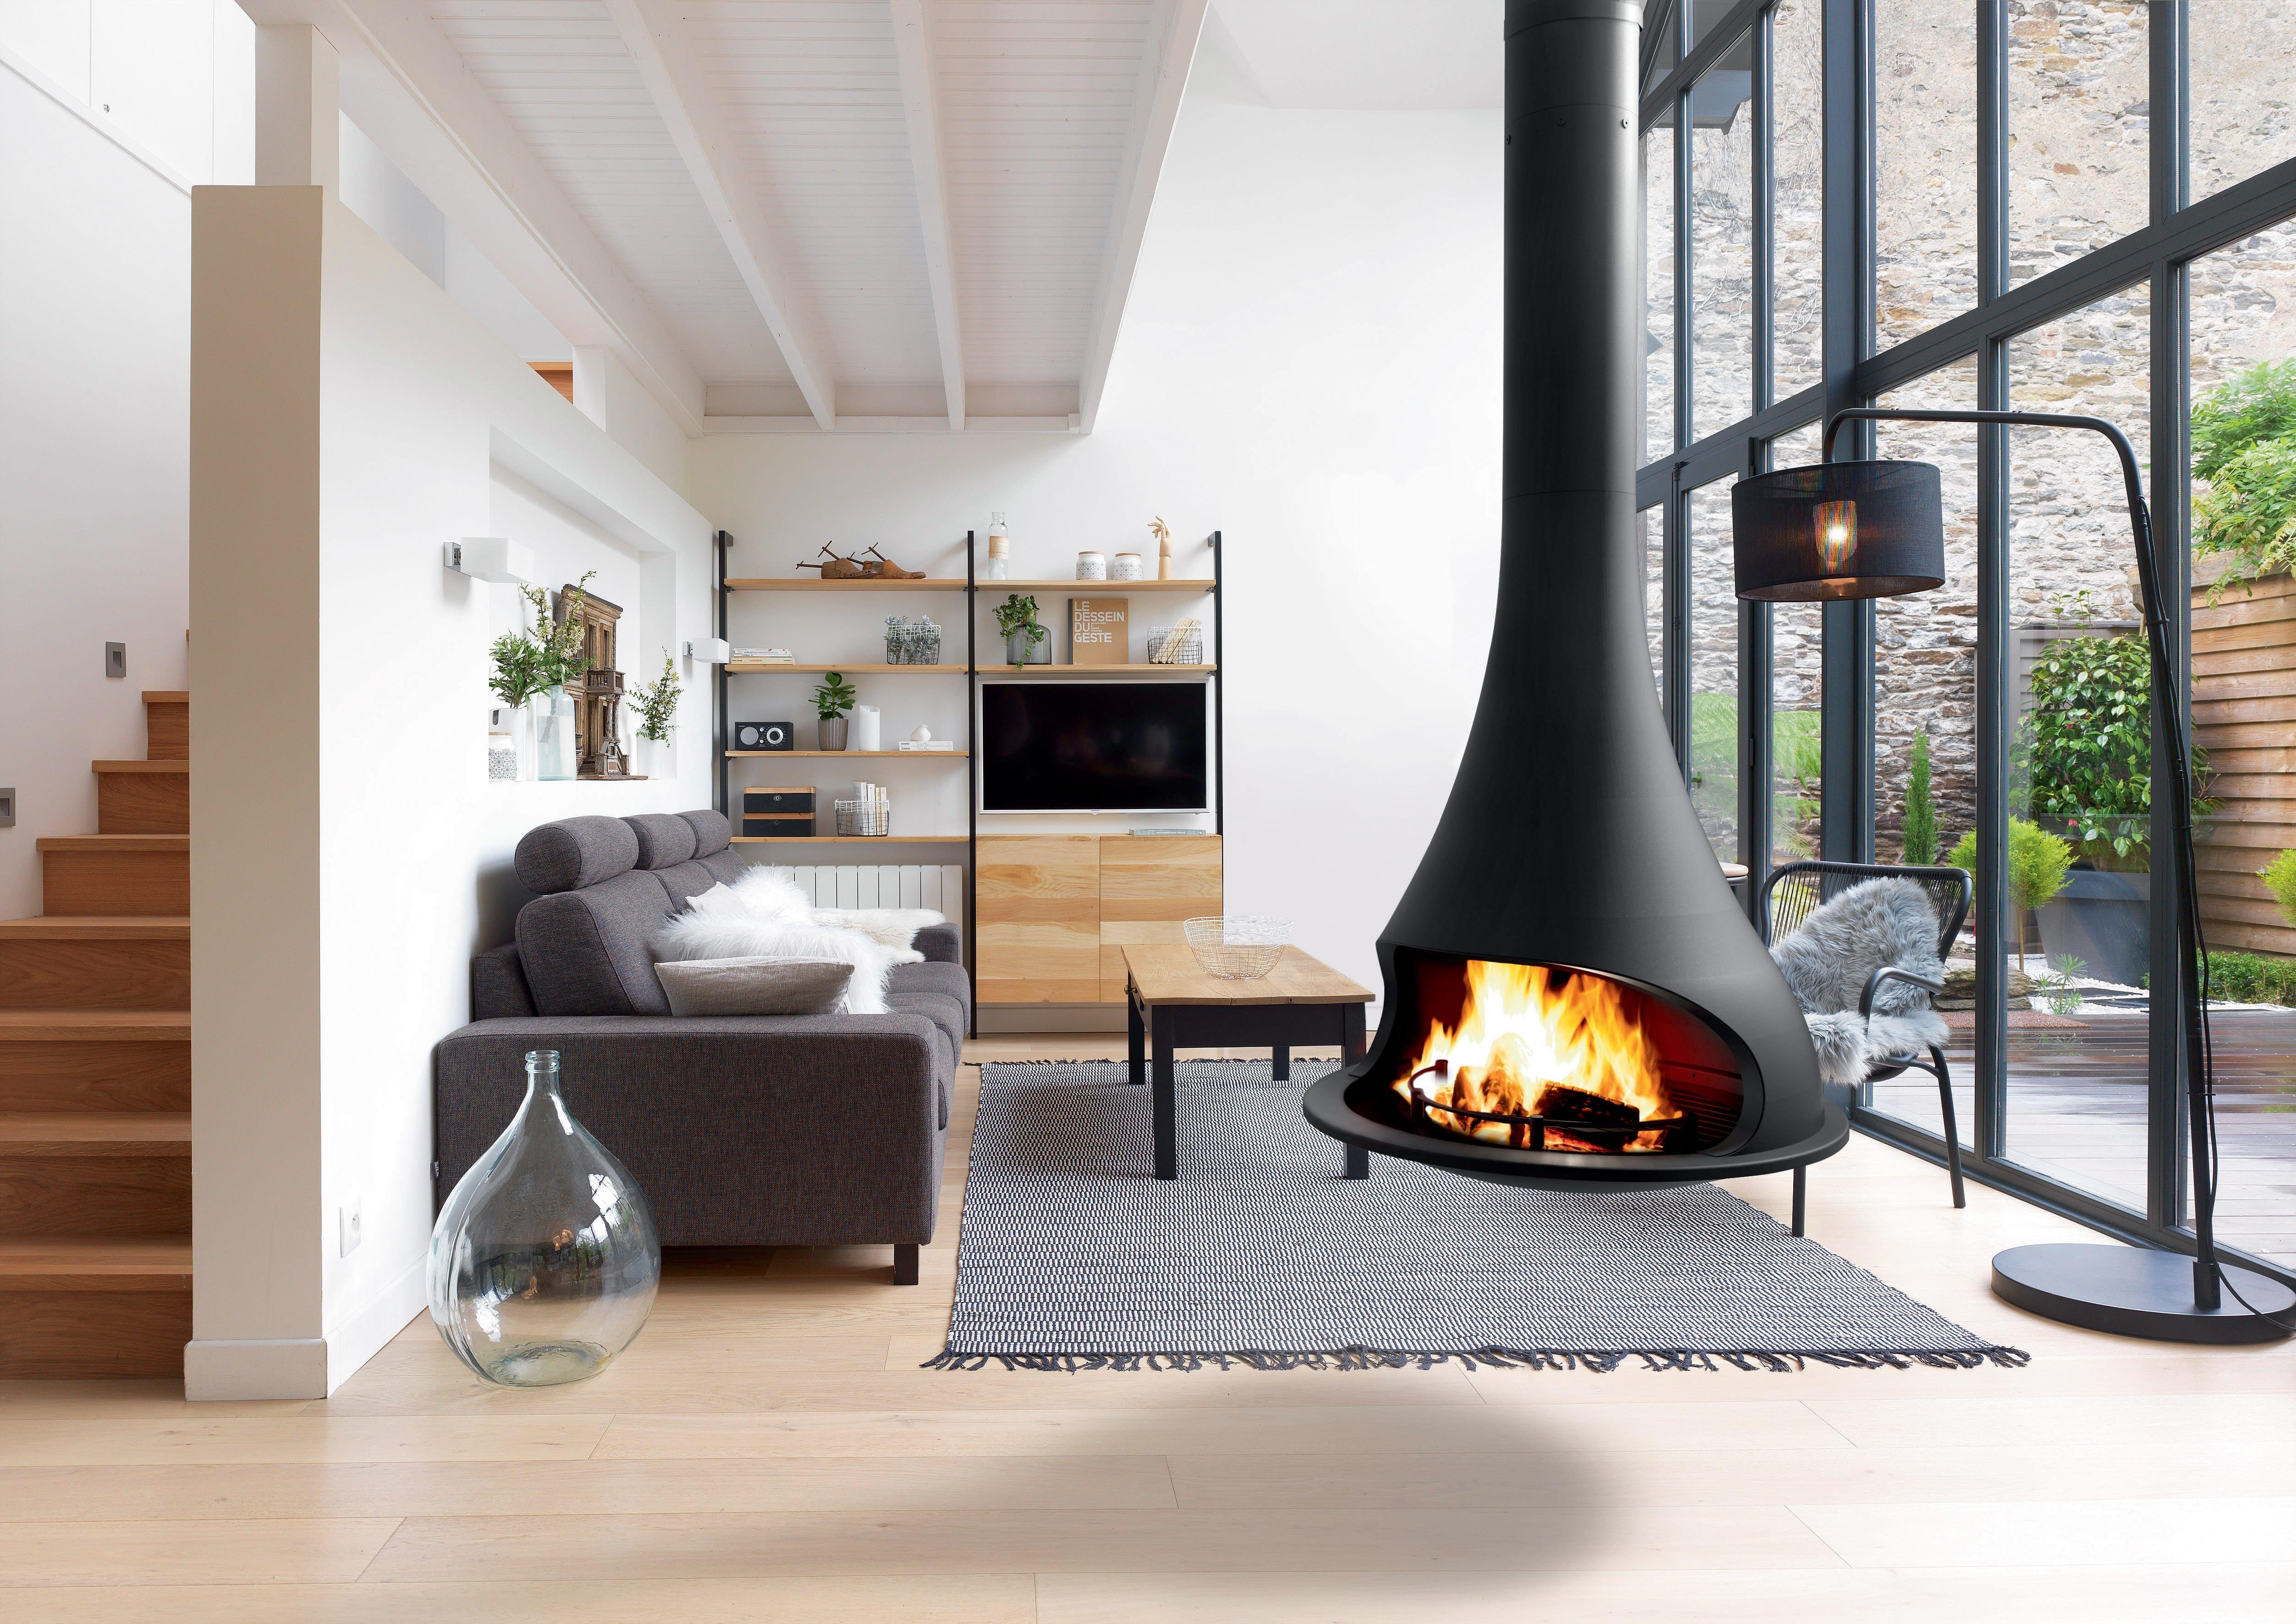 Poele A Bois Gain De Place comment nettoyer une cheminée ou une poêle design ? | bordelet